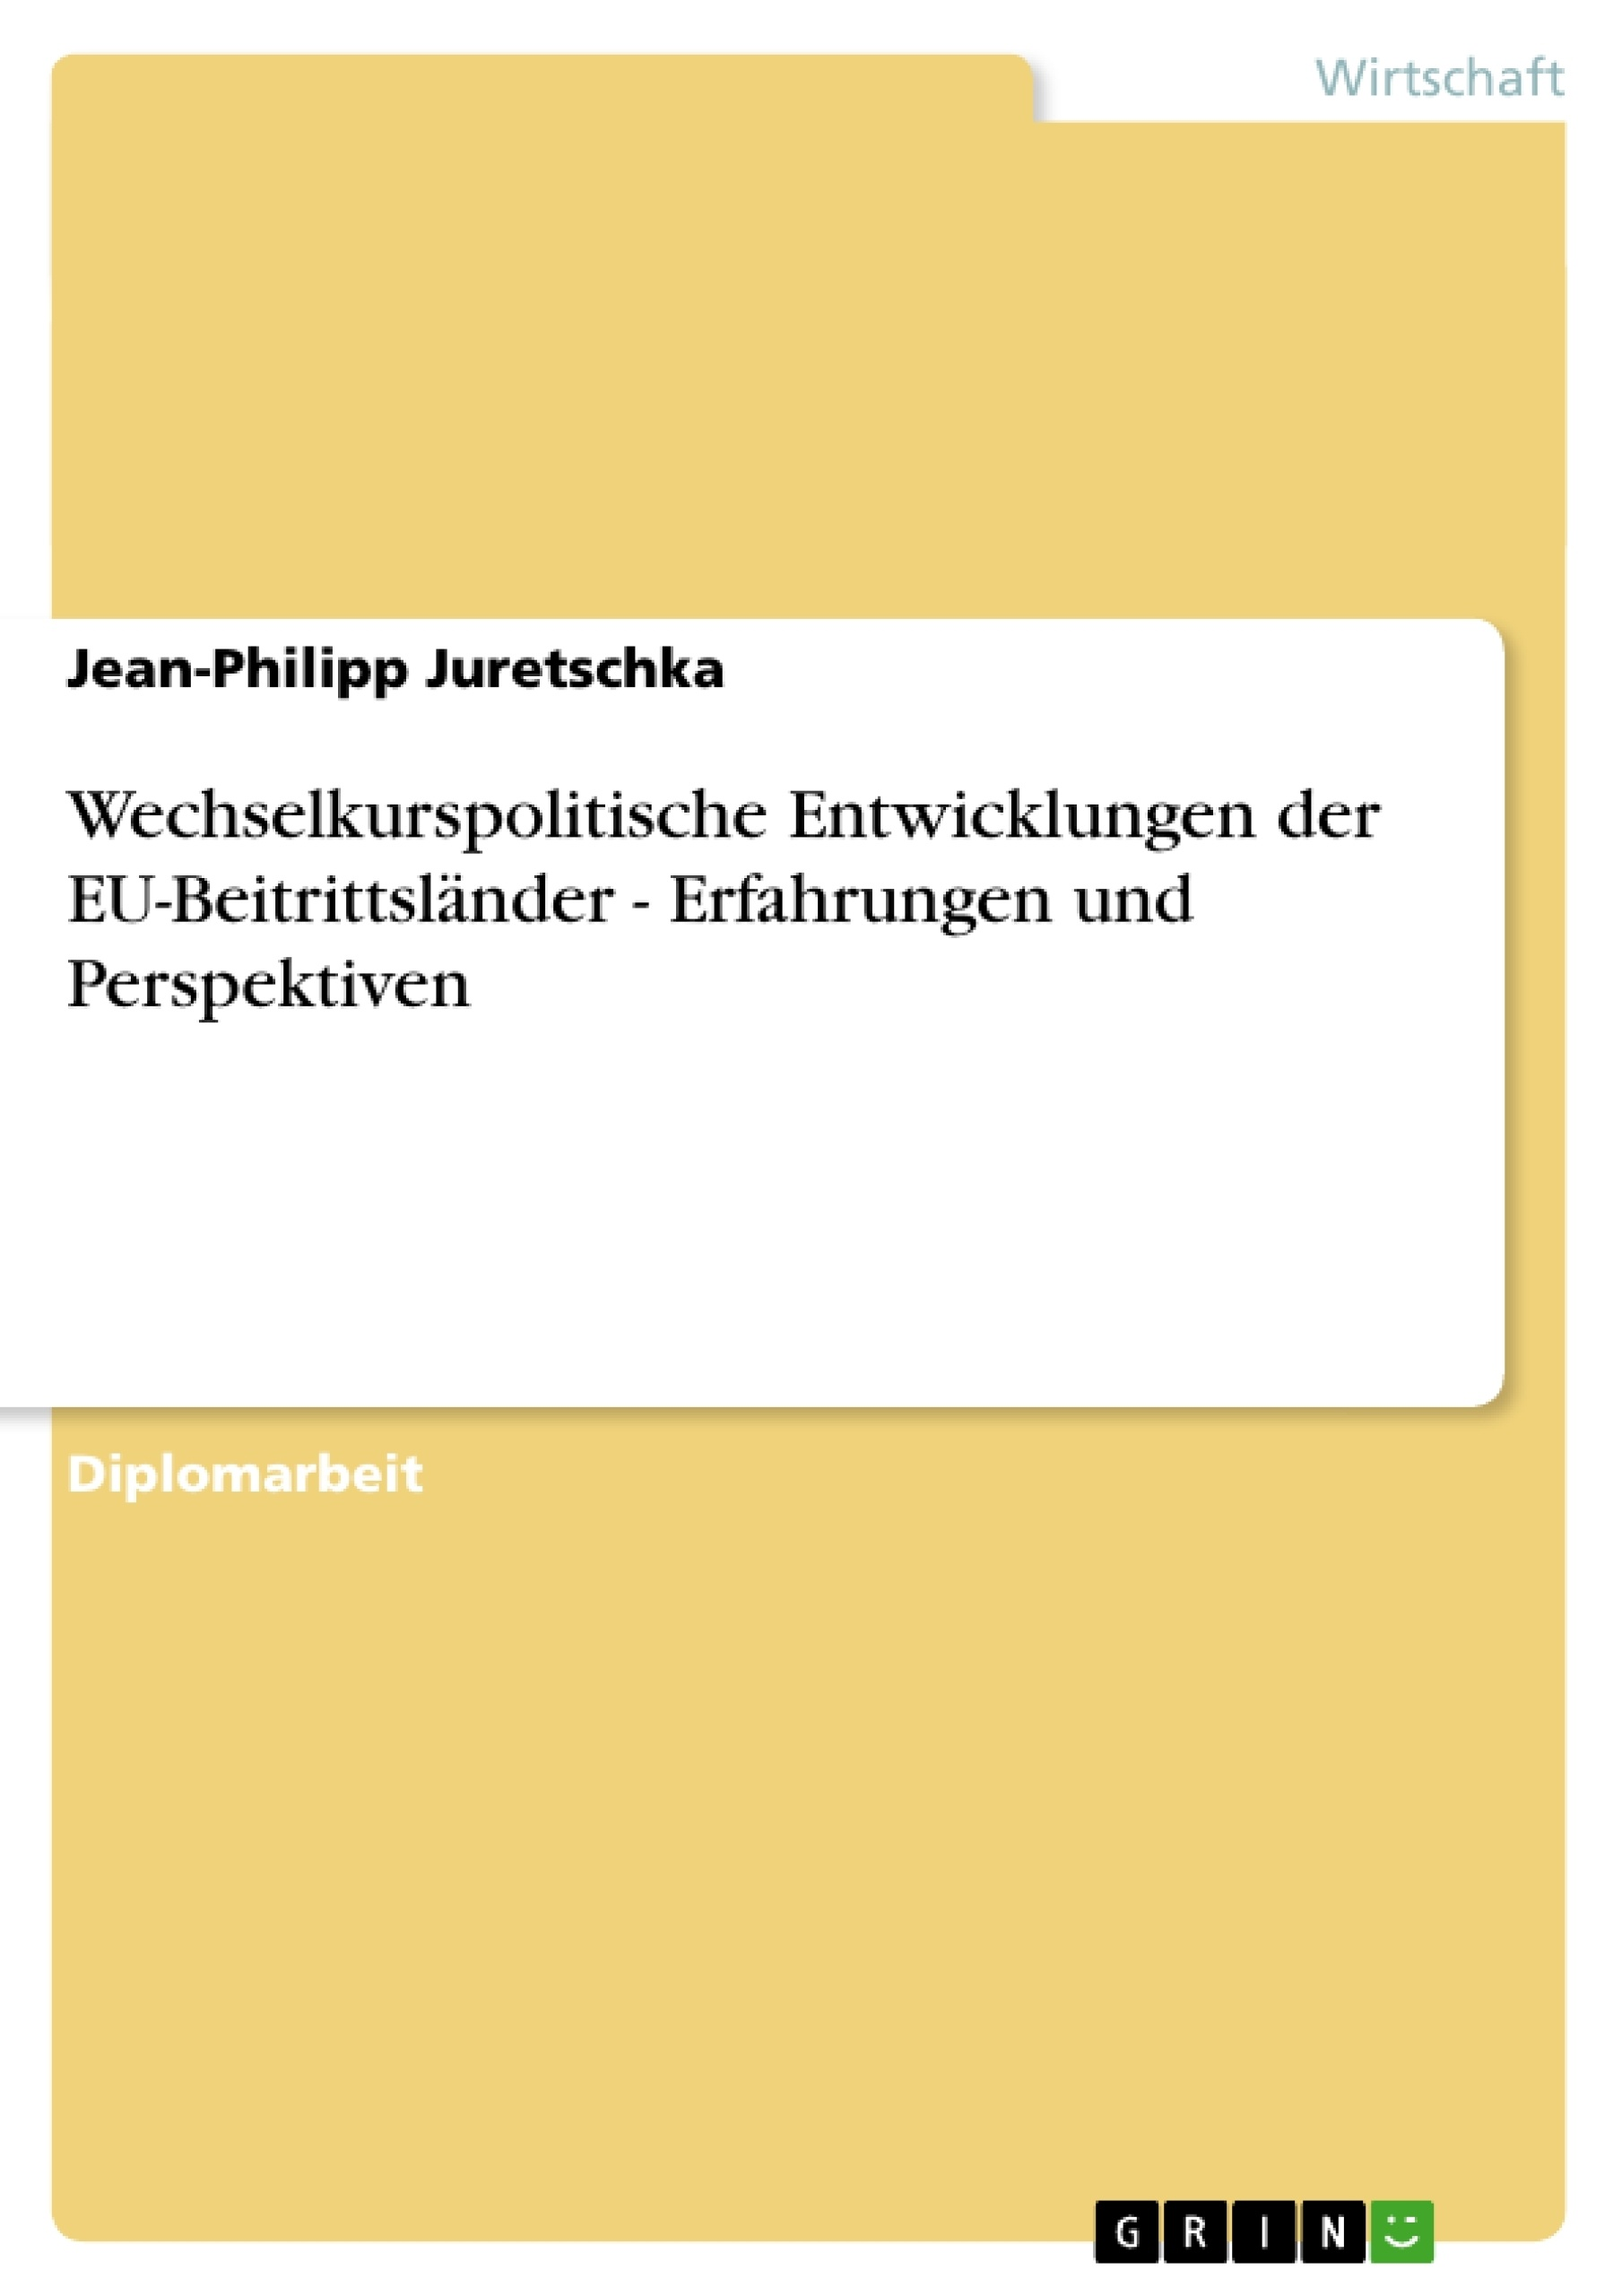 Titel: Wechselkurspolitische Entwicklungen der EU-Beitrittsländer - Erfahrungen und Perspektiven